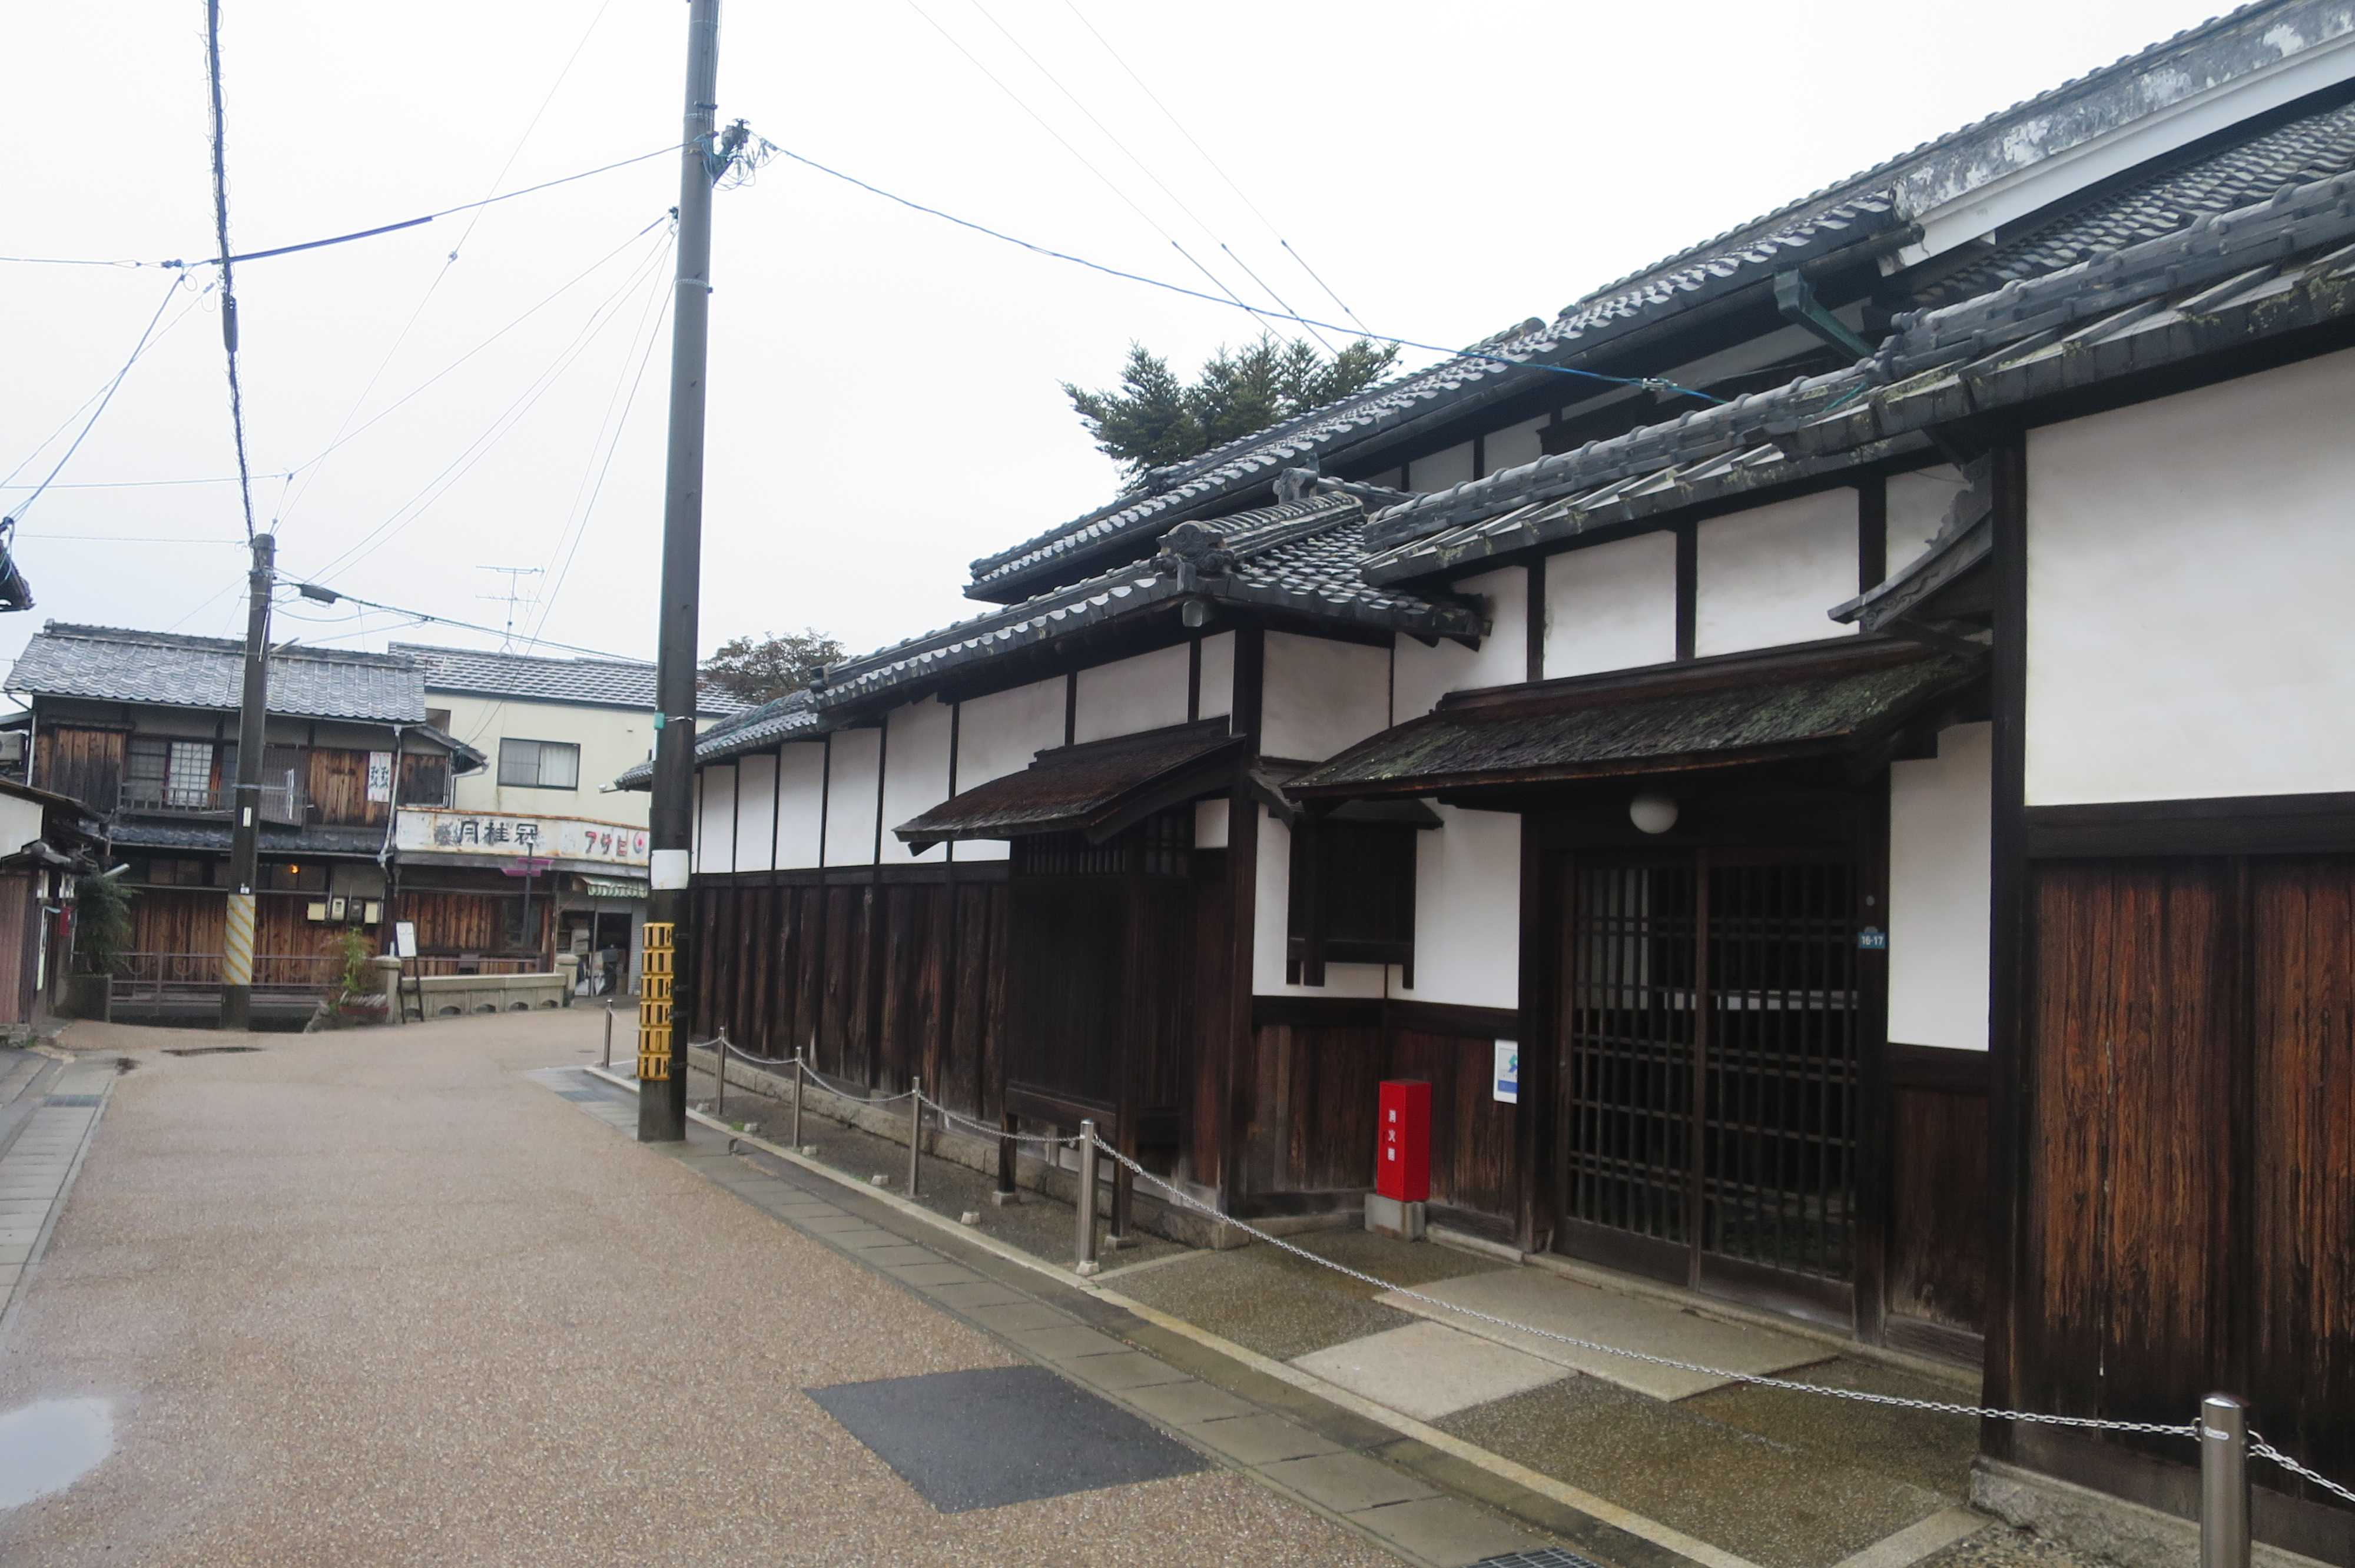 西大寺の古い街並み